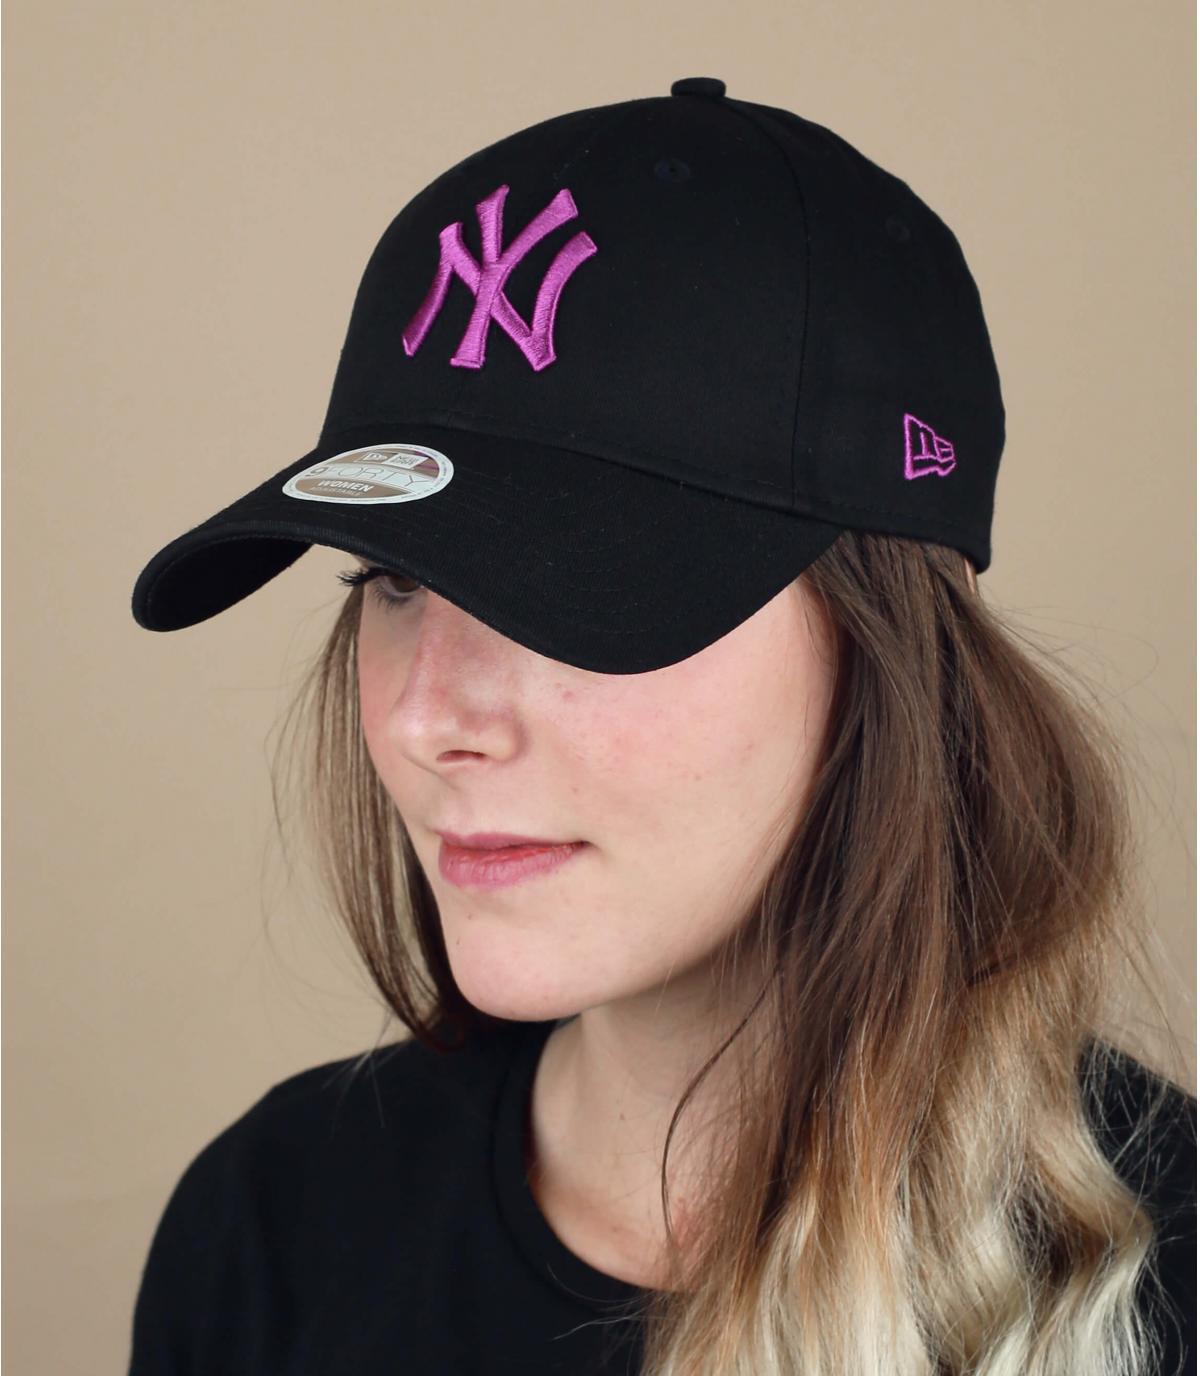 Damen Cap NY schwarz